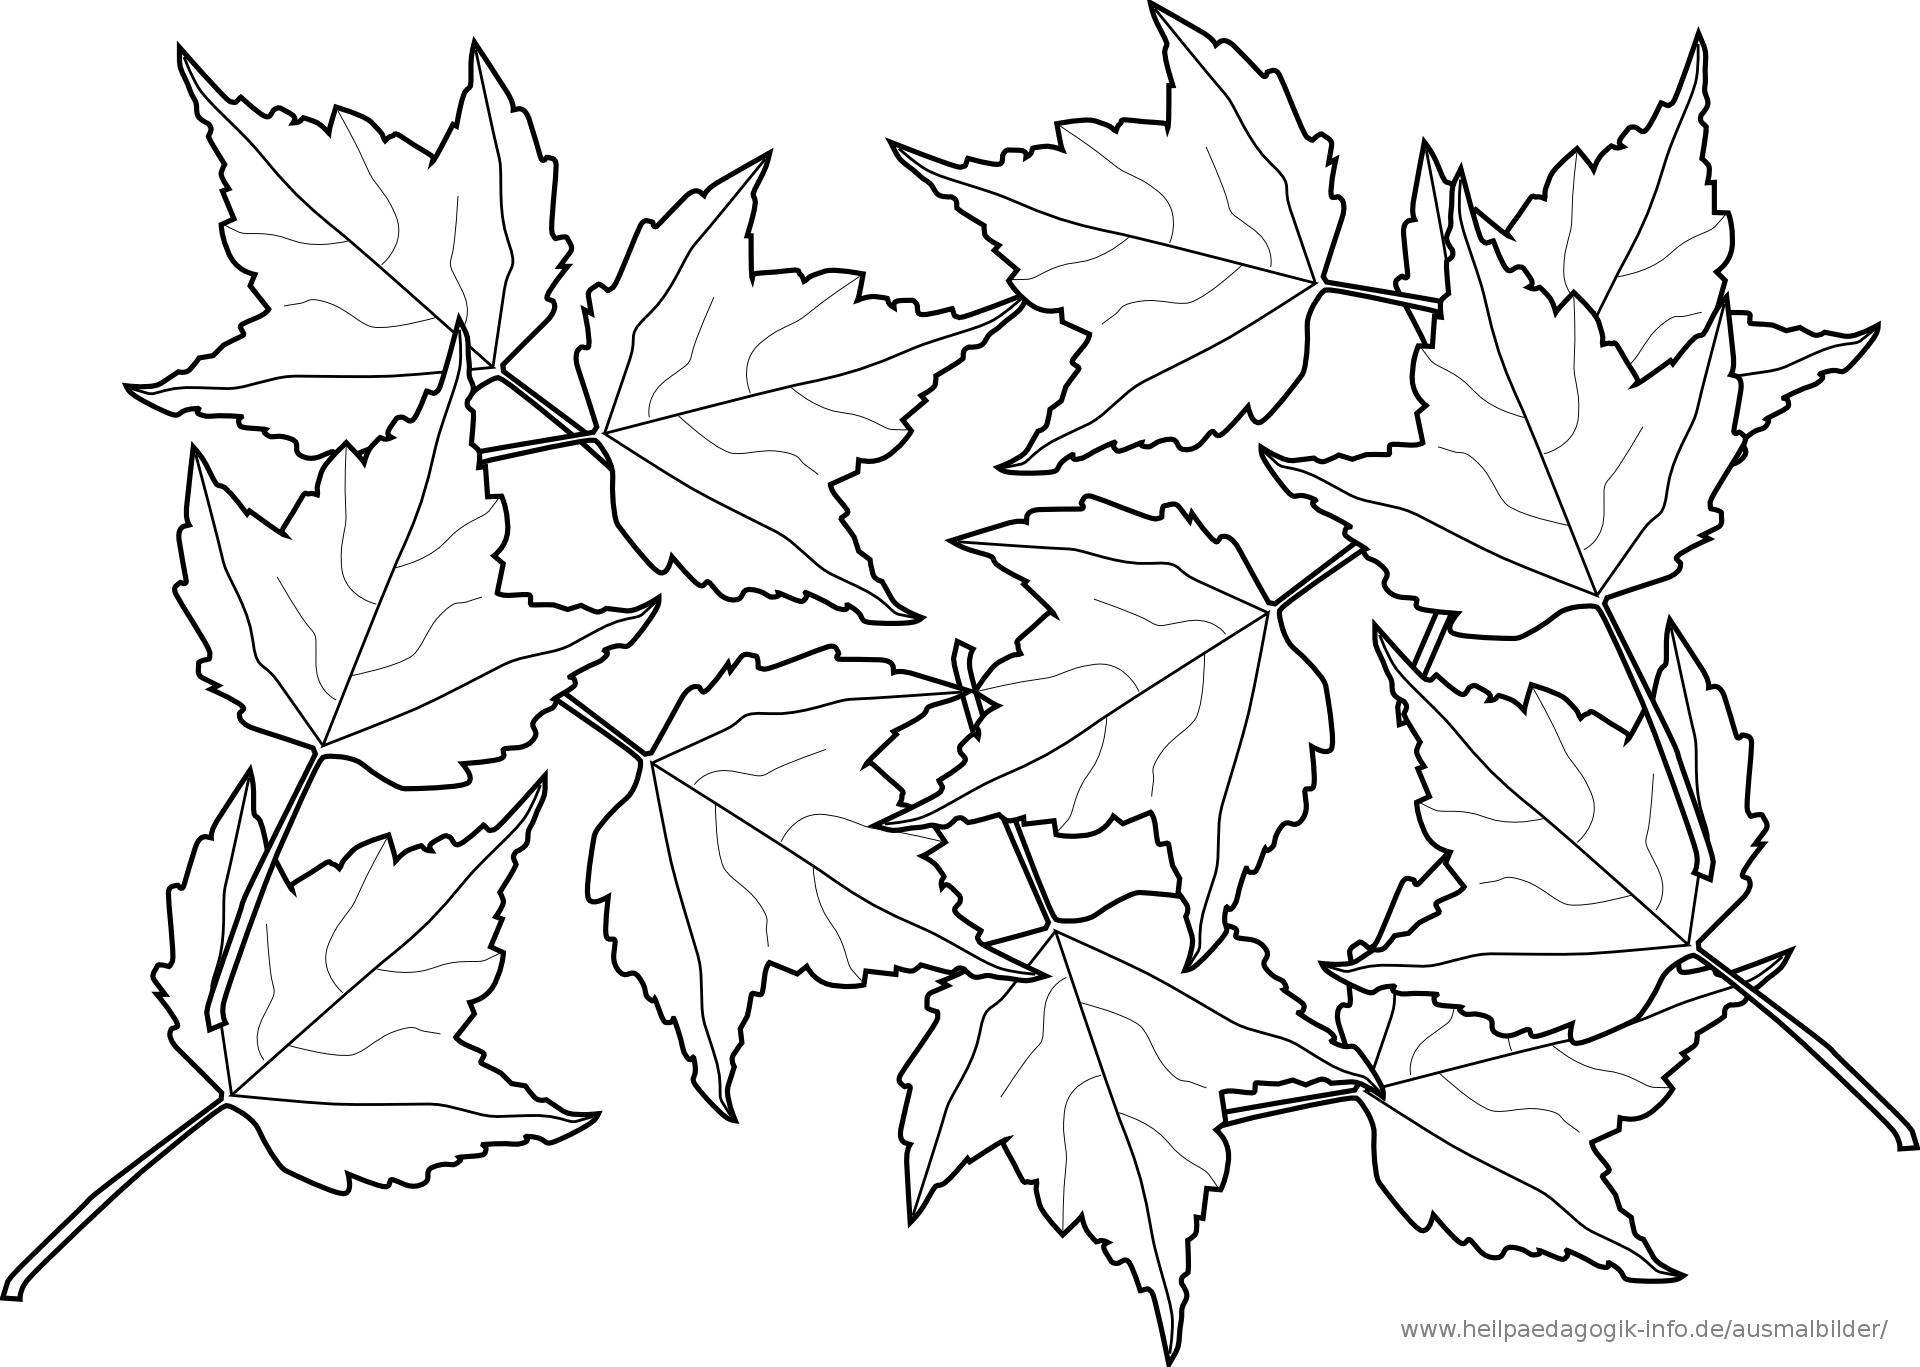 Ausmalbilder Blätter 05 | Blumen Ausmalen, Ausmalbilder bei Ausmalbilder Blätter